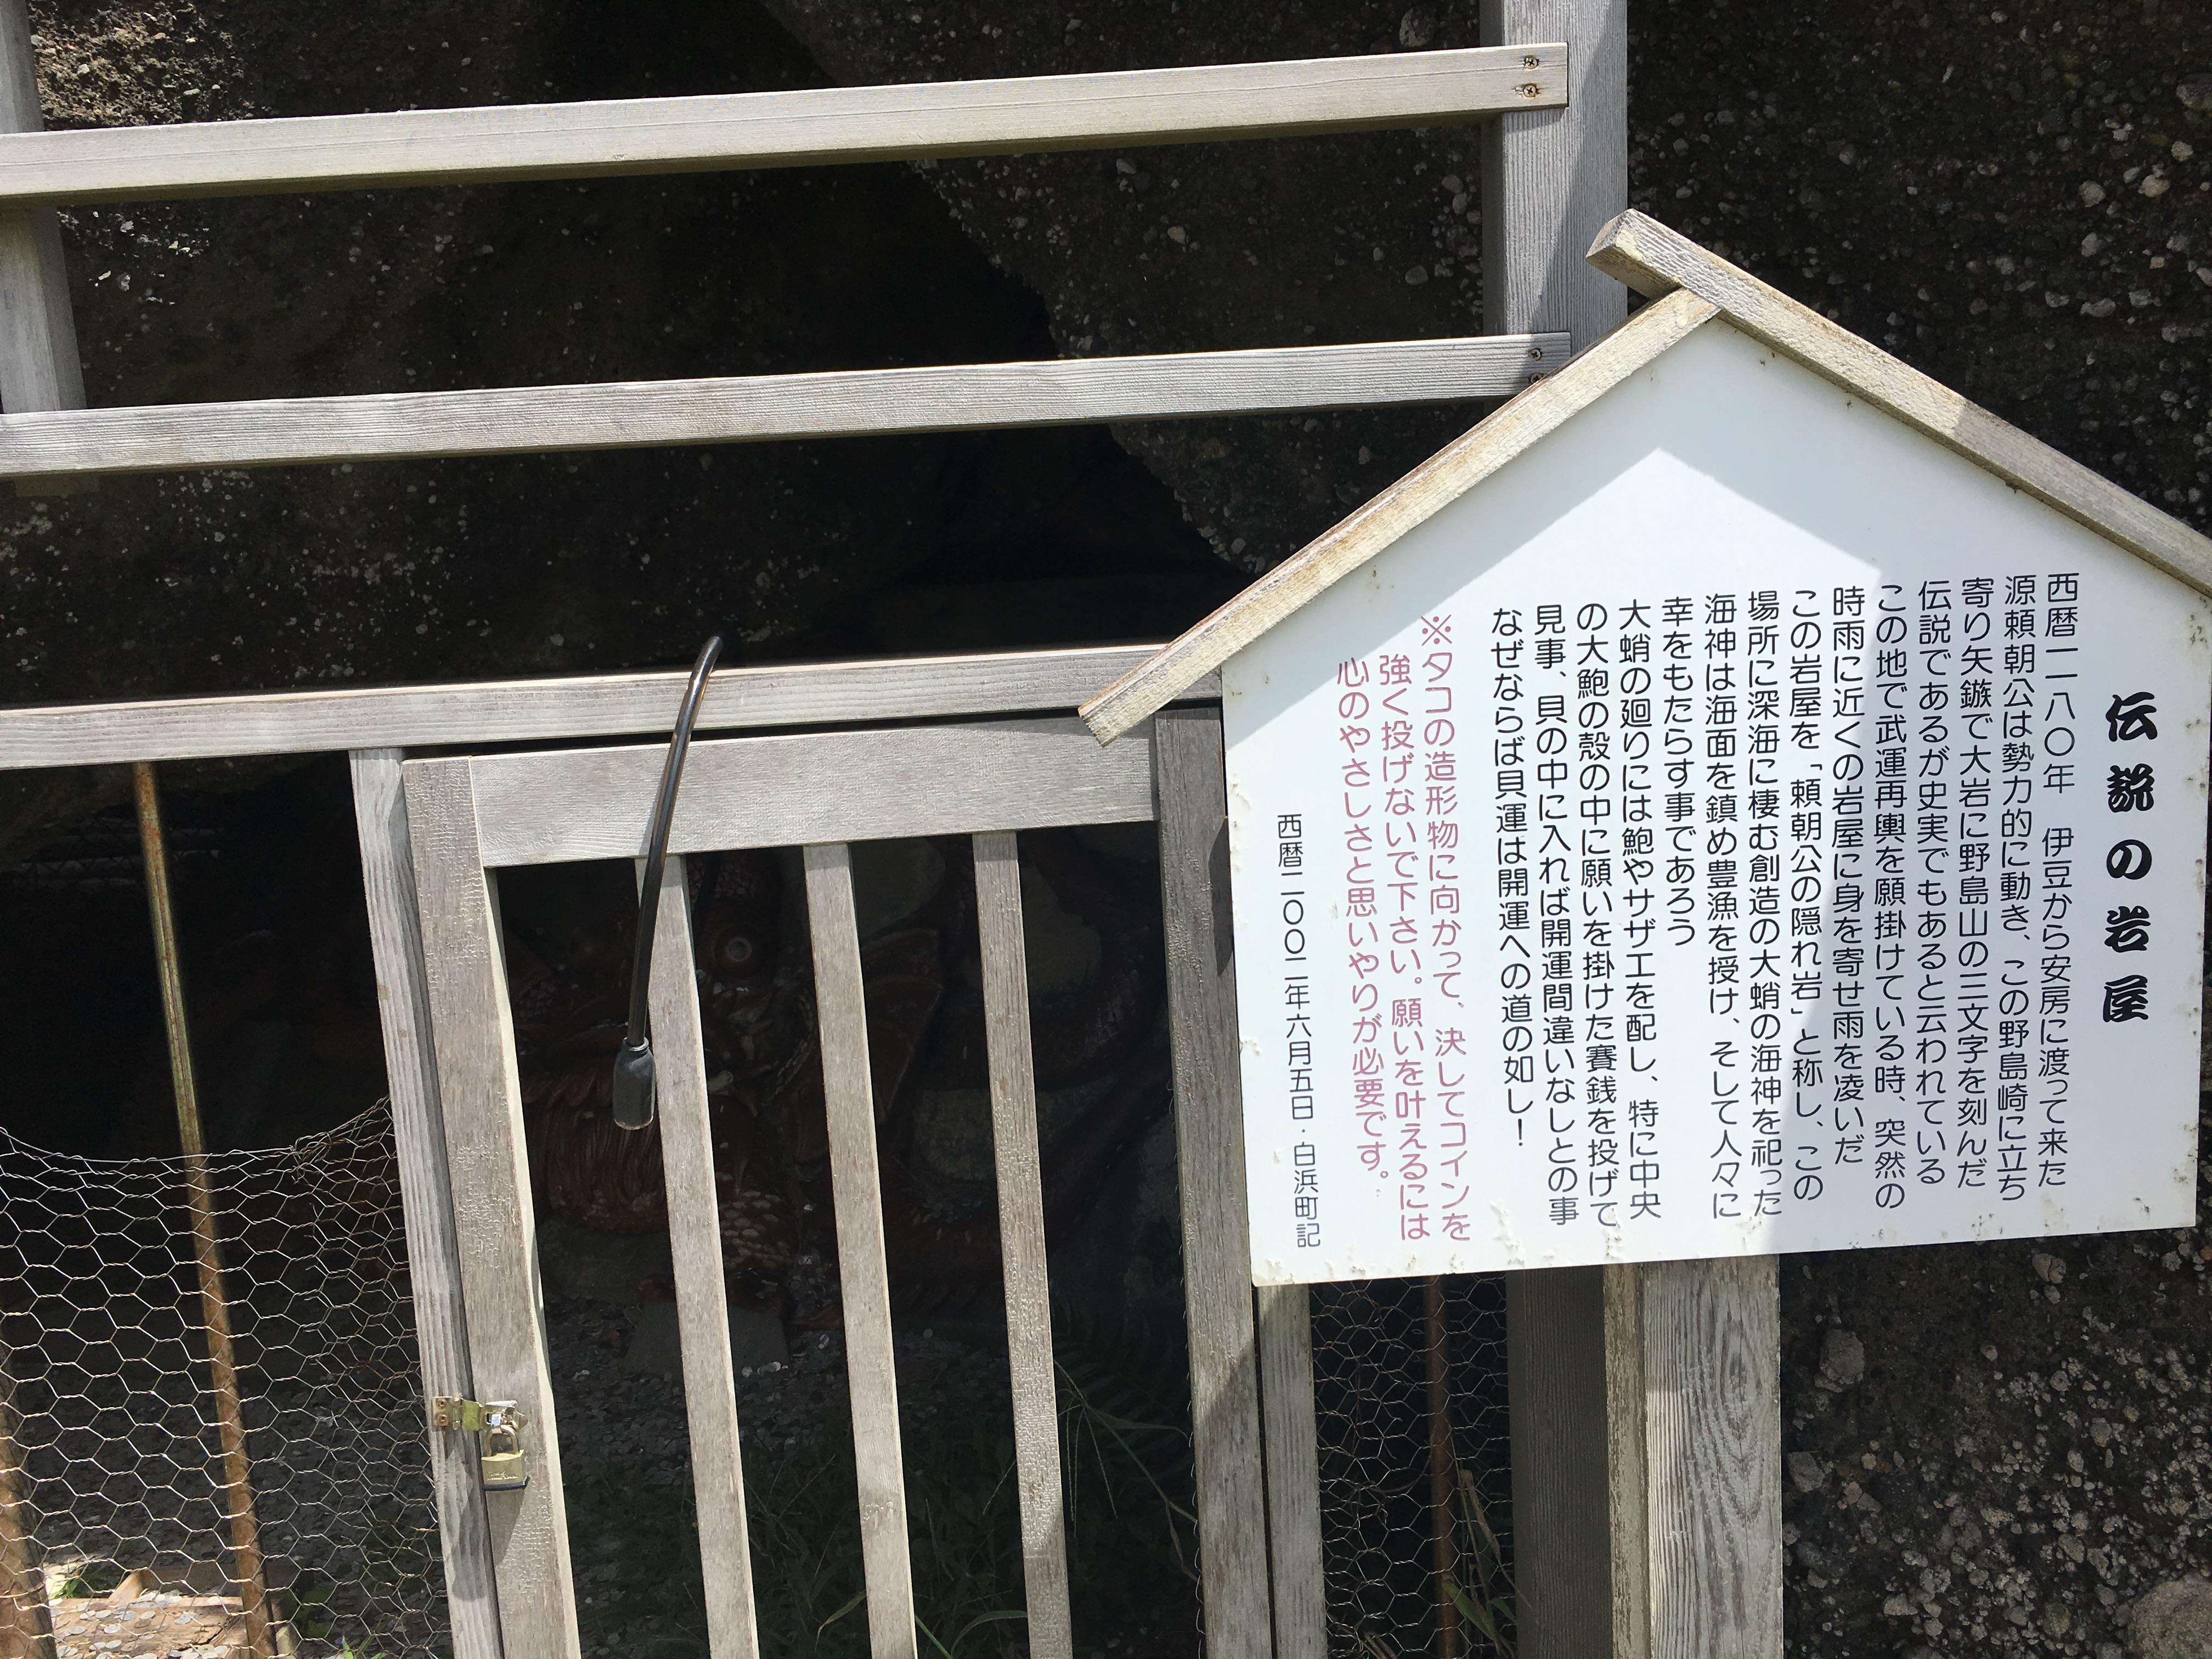 嚴島神社の歴史(千葉県千倉駅)